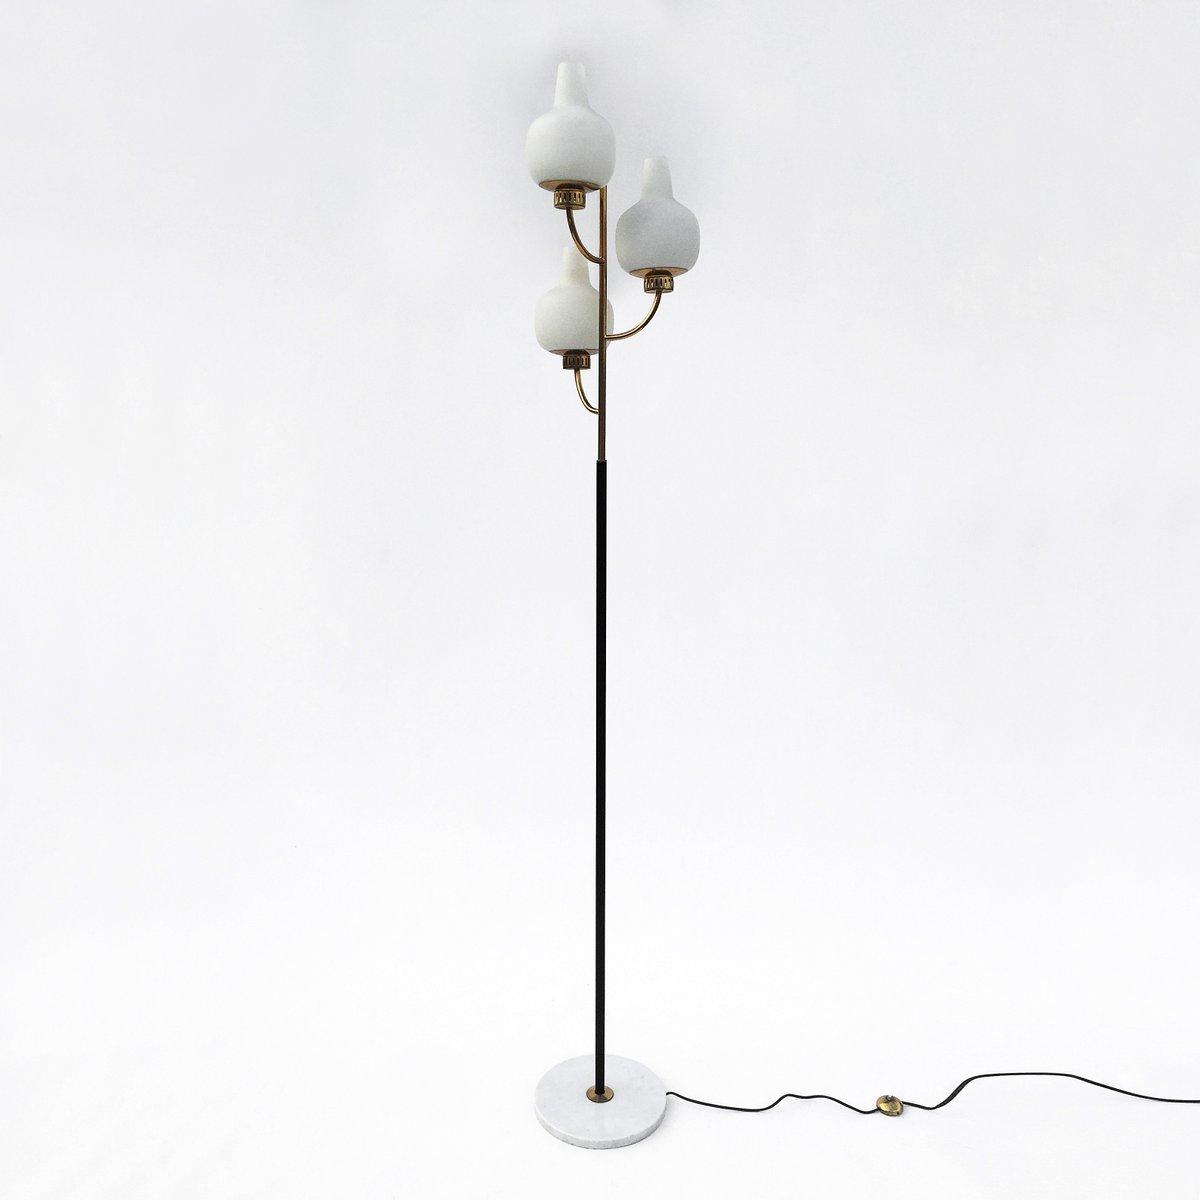 stehlampe mit 3 leuchten von stilnovo 1950er bei pamono kaufen. Black Bedroom Furniture Sets. Home Design Ideas